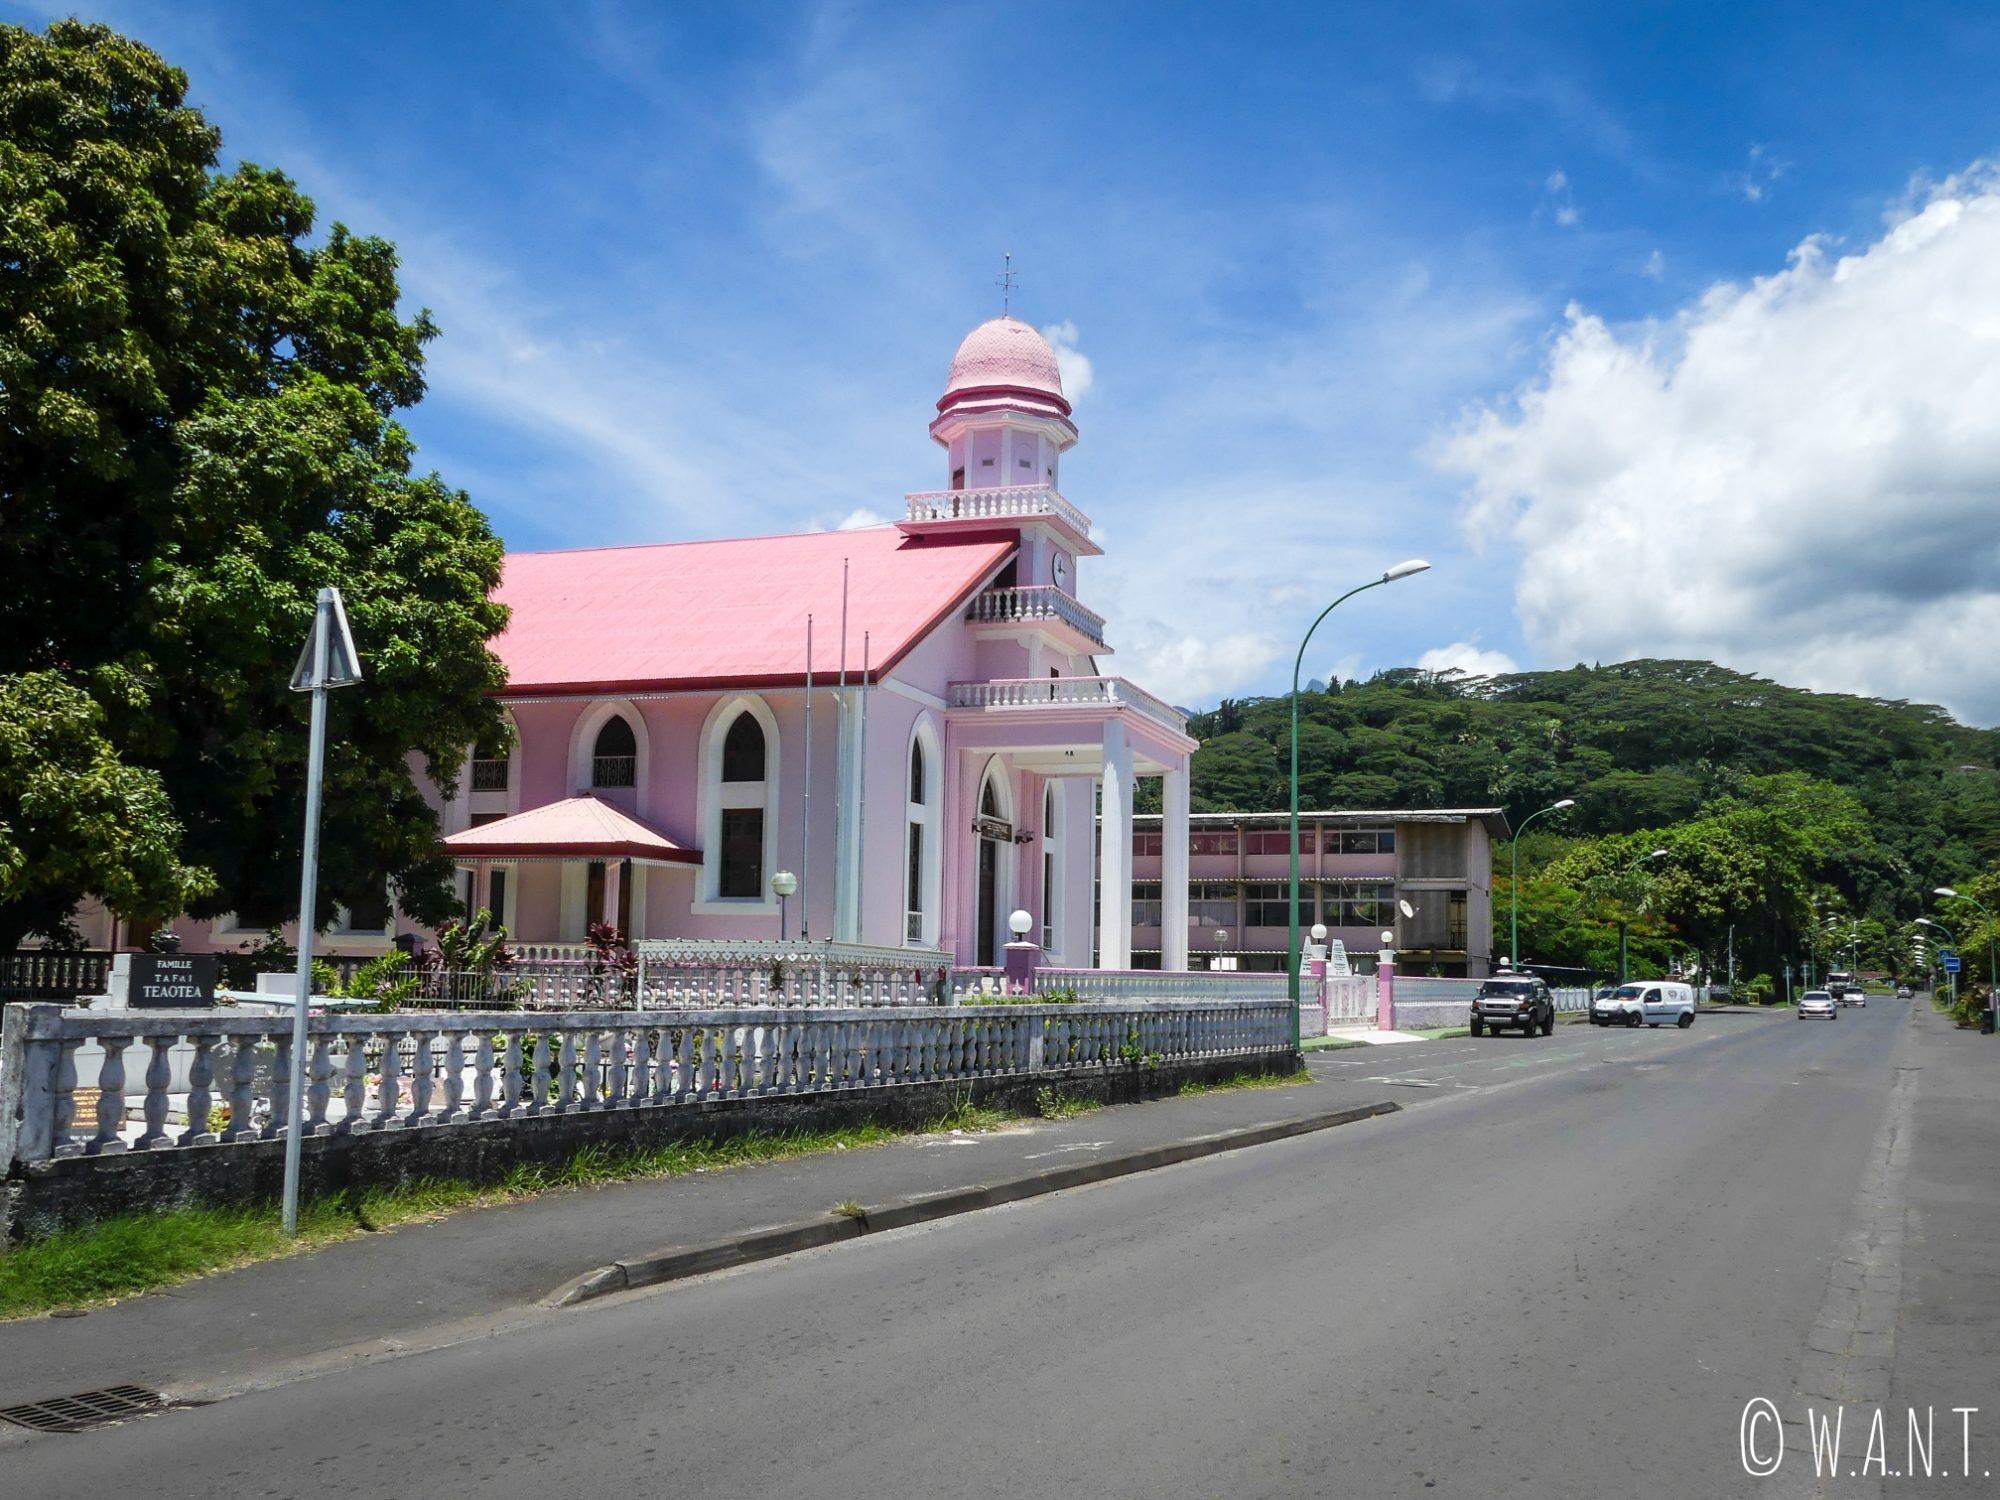 Nombreuses sont les églises sur l'île de Tahiti